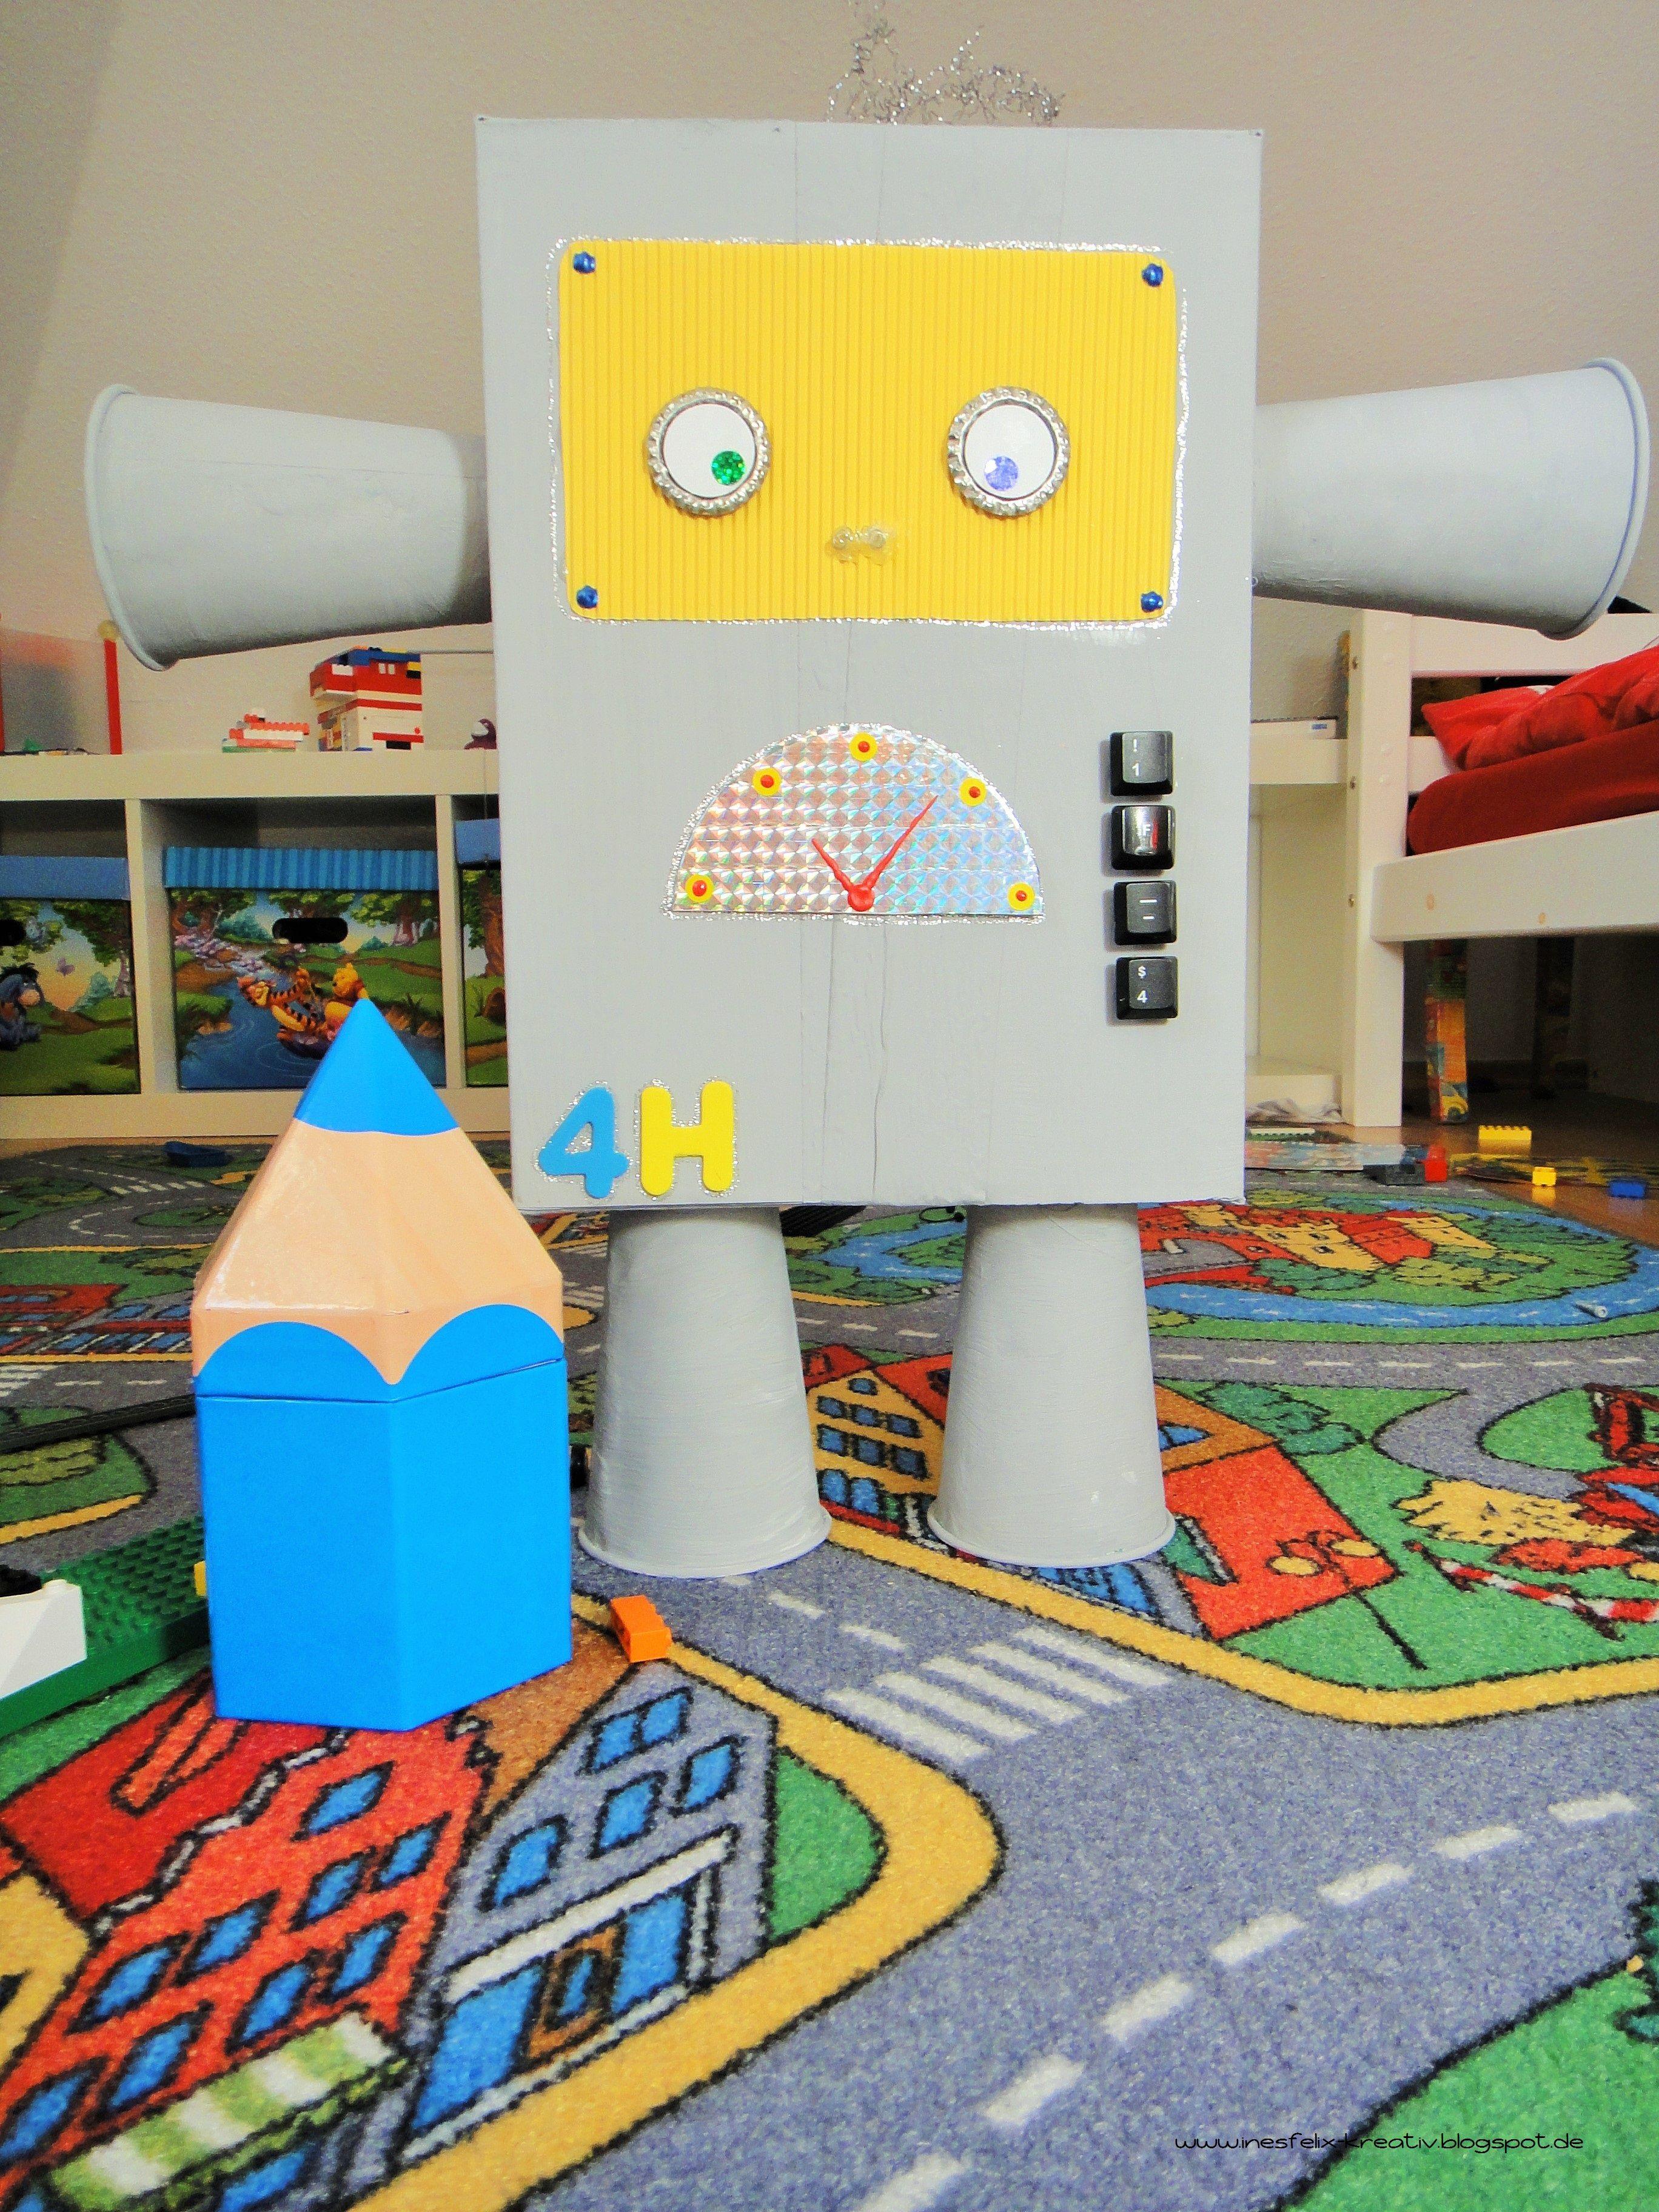 roboter selbst gebaut roboter diy basteln karton kinder roboter kost m kind. Black Bedroom Furniture Sets. Home Design Ideas